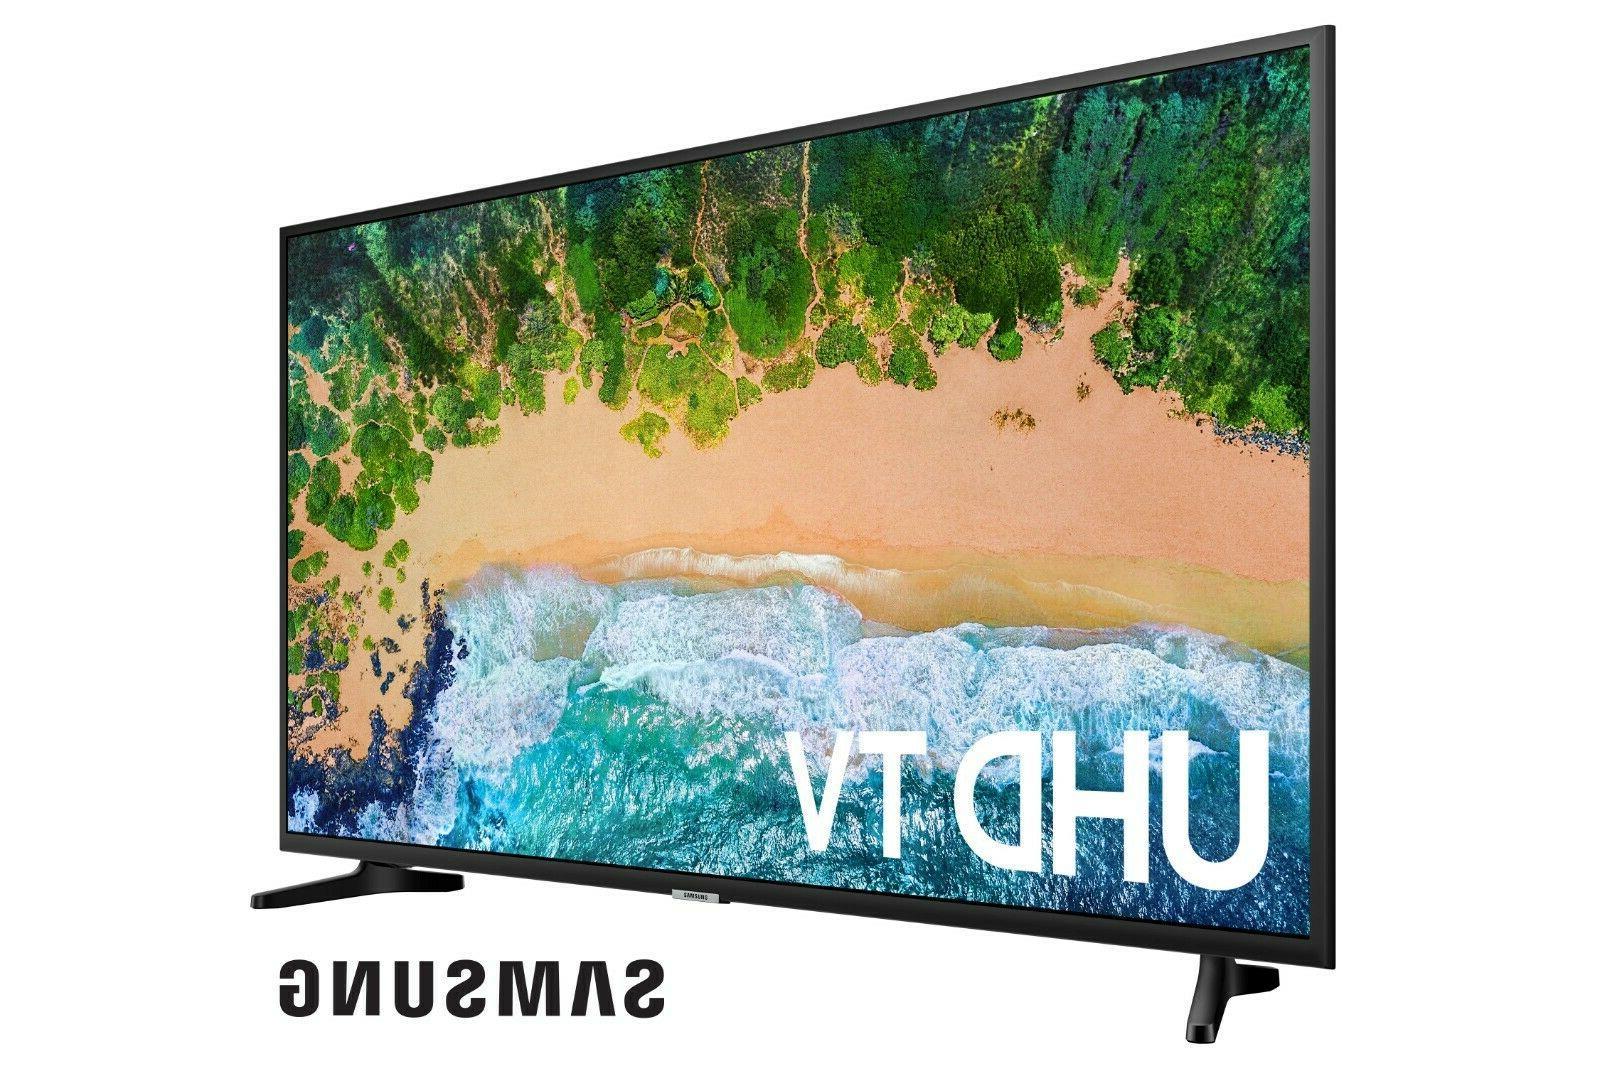 Samsung TV LED Model UN50NU6900